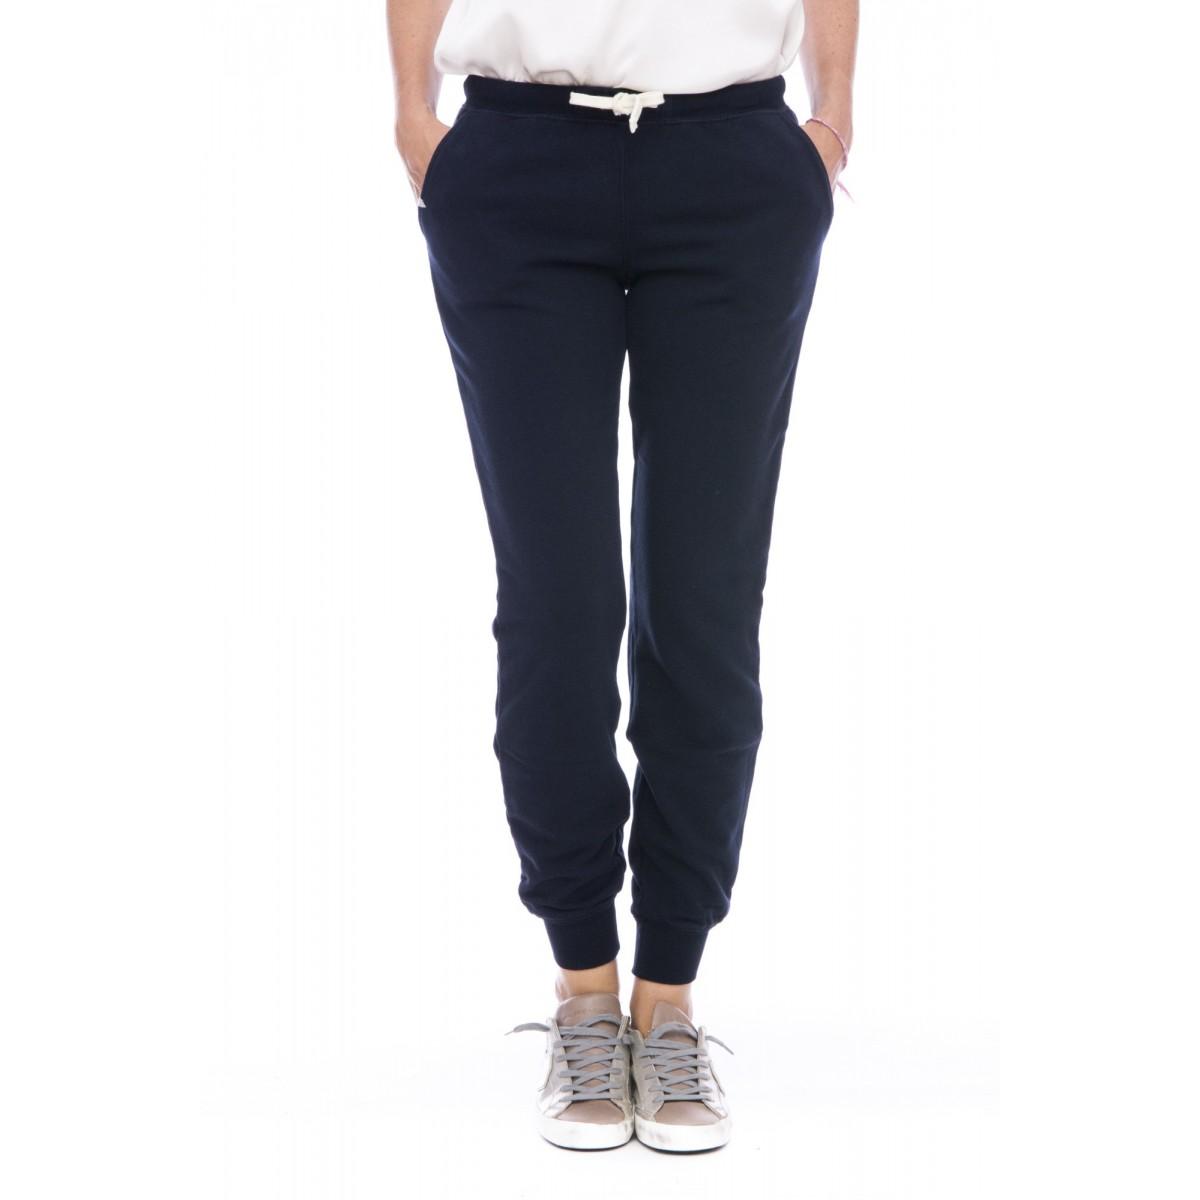 Pantalone donna Sun 68 - 26220 pantalone tuta